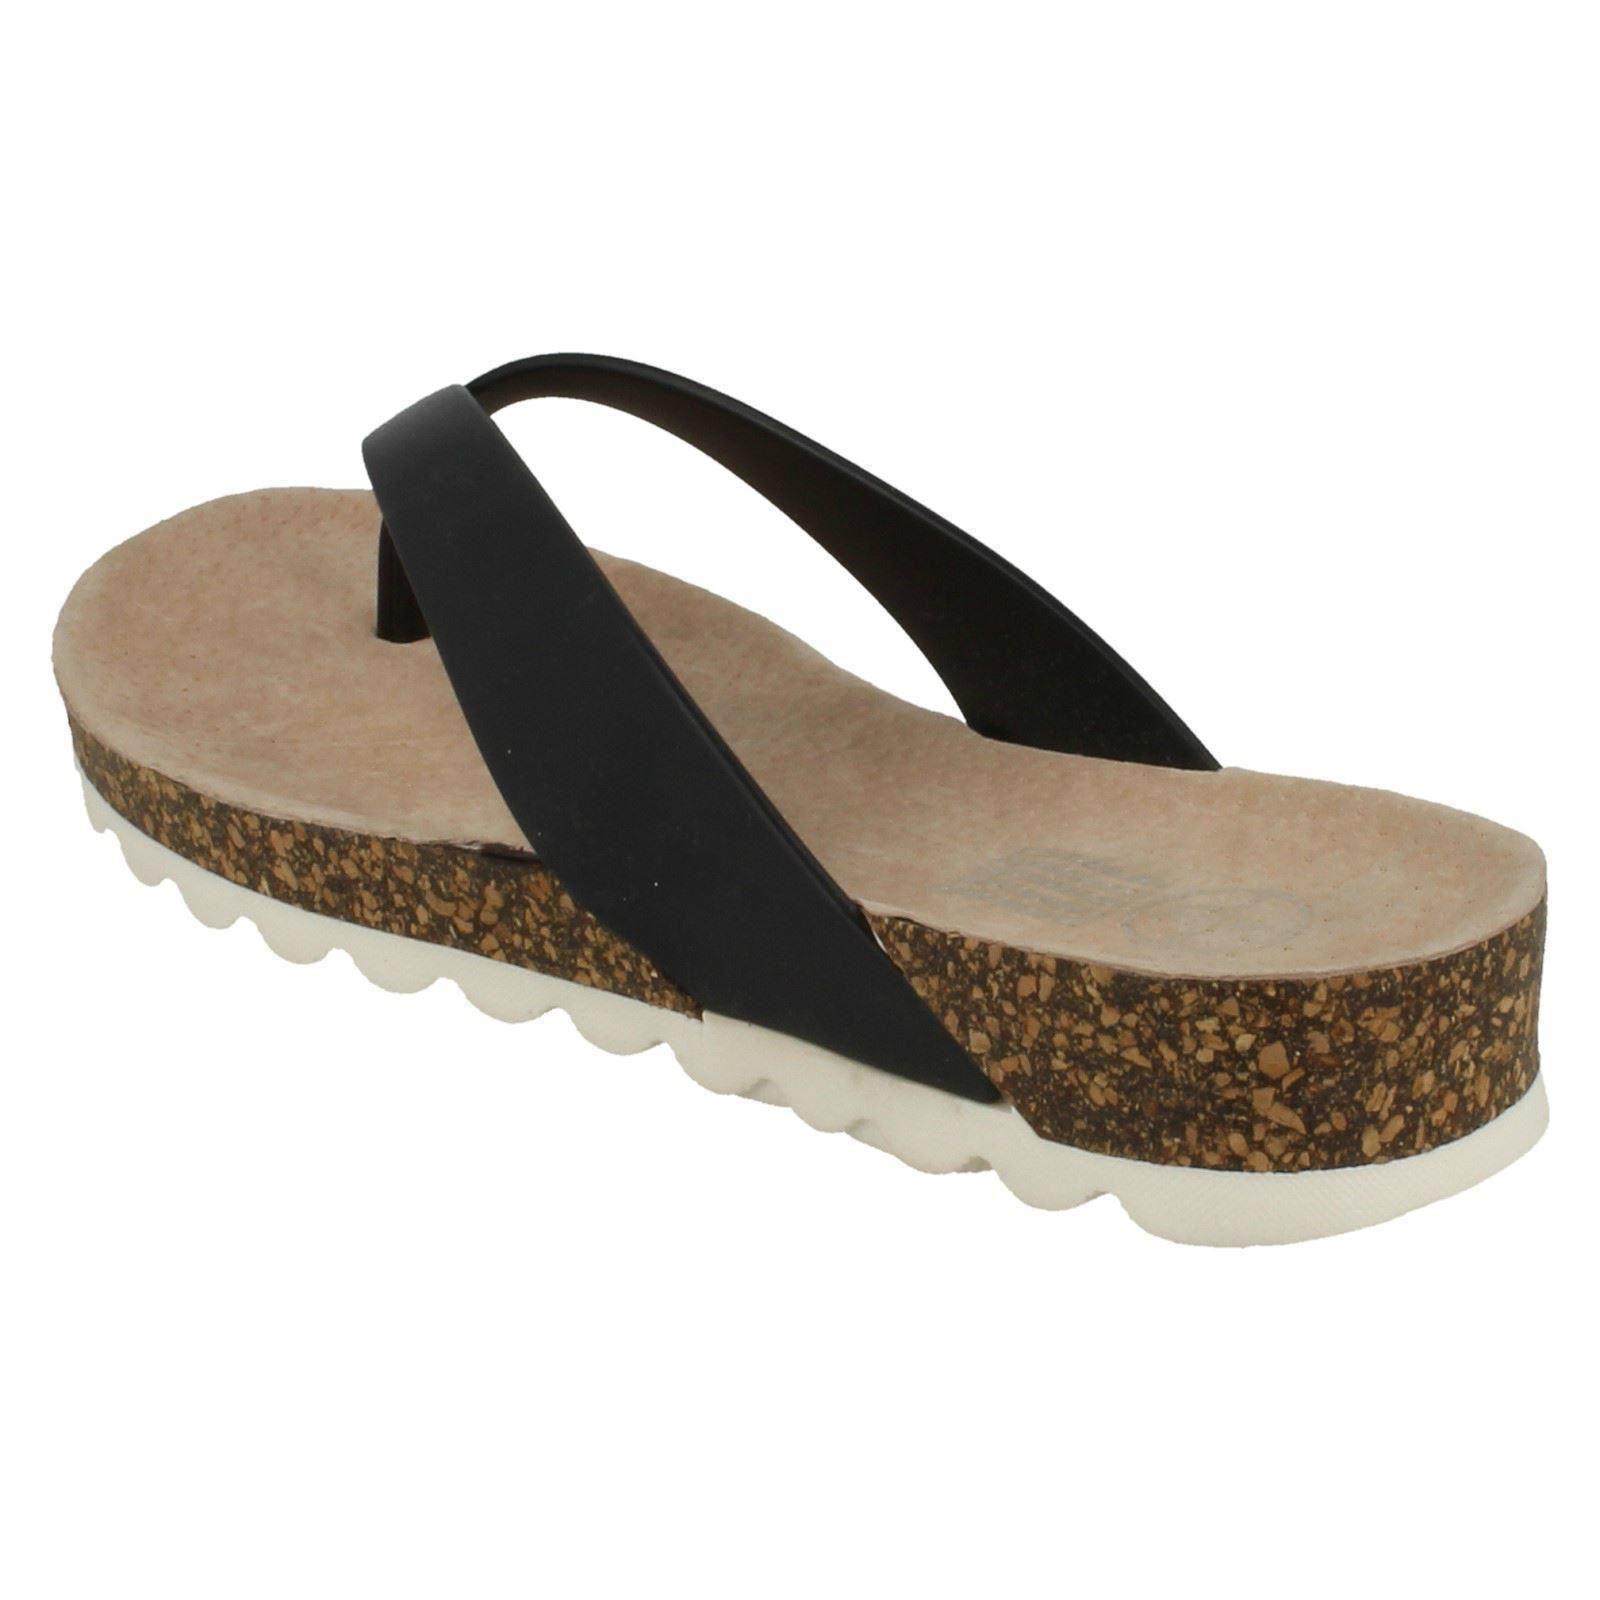 Señoras olas Mediados de cuña sandalia Toepost